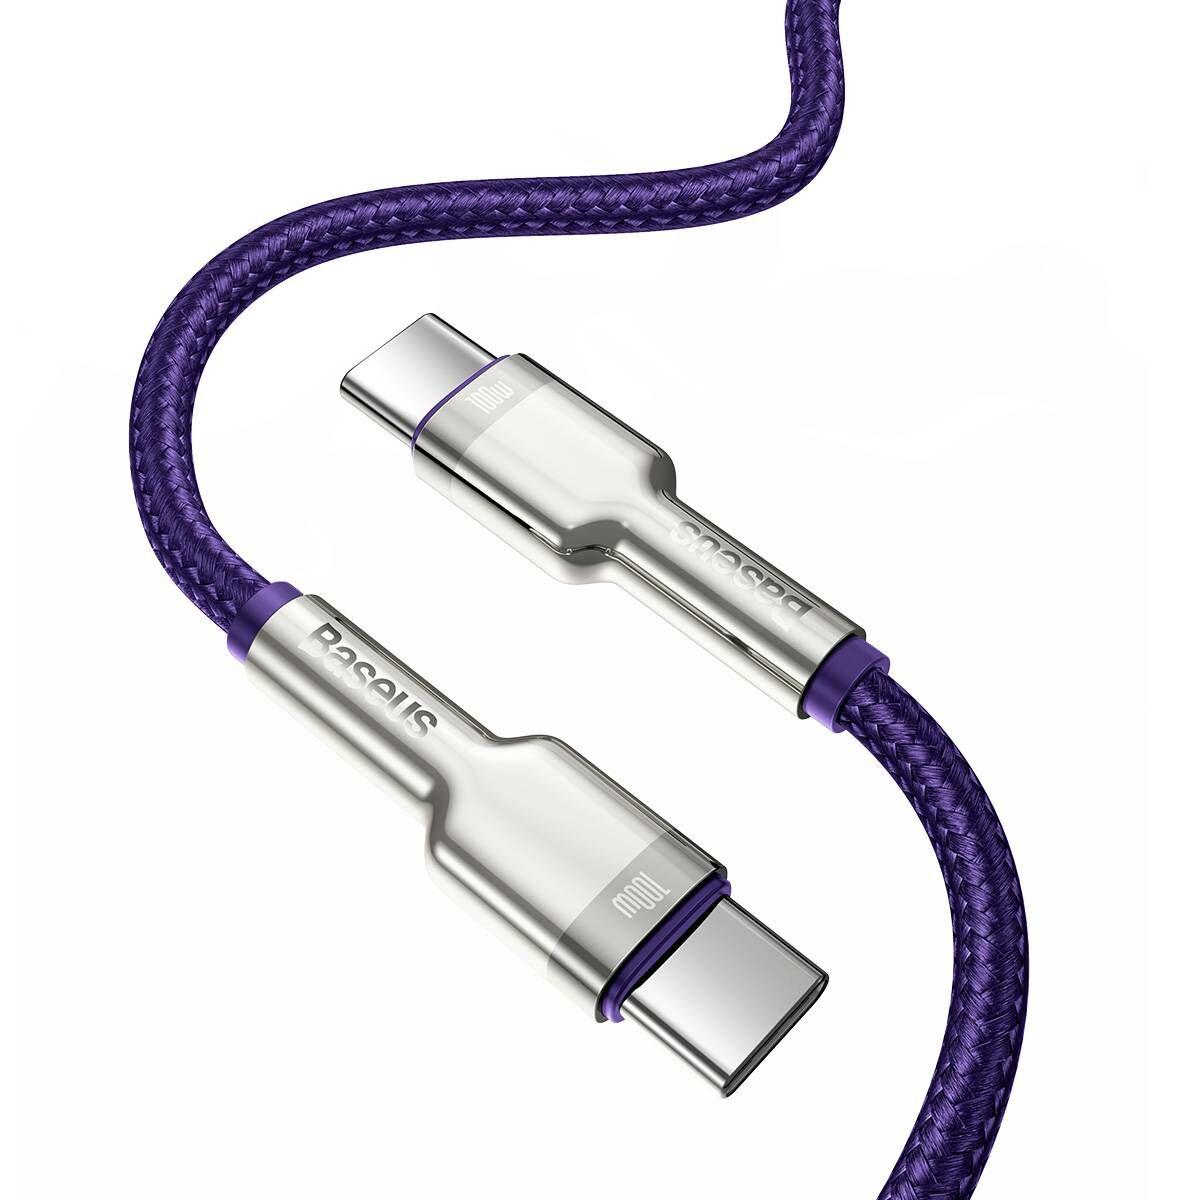 Baseus Type-C - Type-C kábel, Cafule Series Metal gyorstöltő és adatkábel 100W (20V/5A) 2m, lila (CATJK-D05)